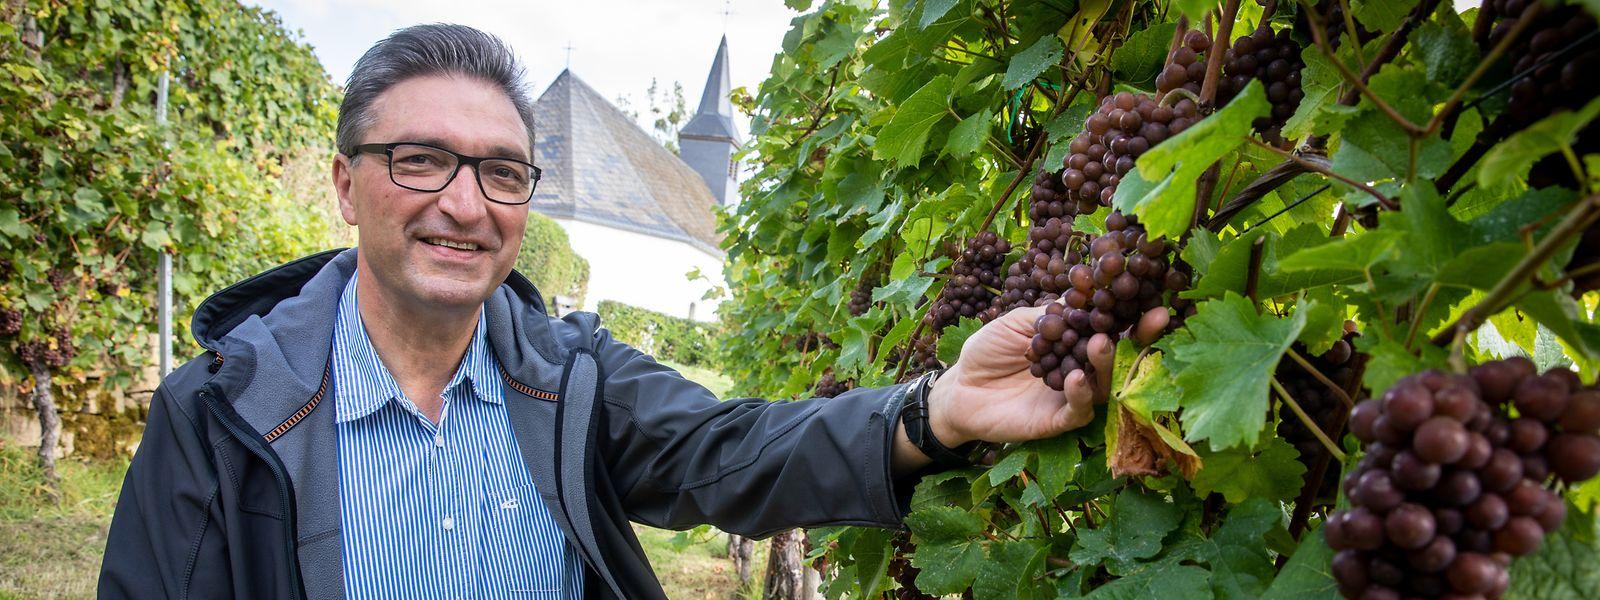 Dicht an dicht hängen die reifen Trauben der Sorte Pinot gris in Claude Baches kleinem Weinberg an der Kreuzkapelle.